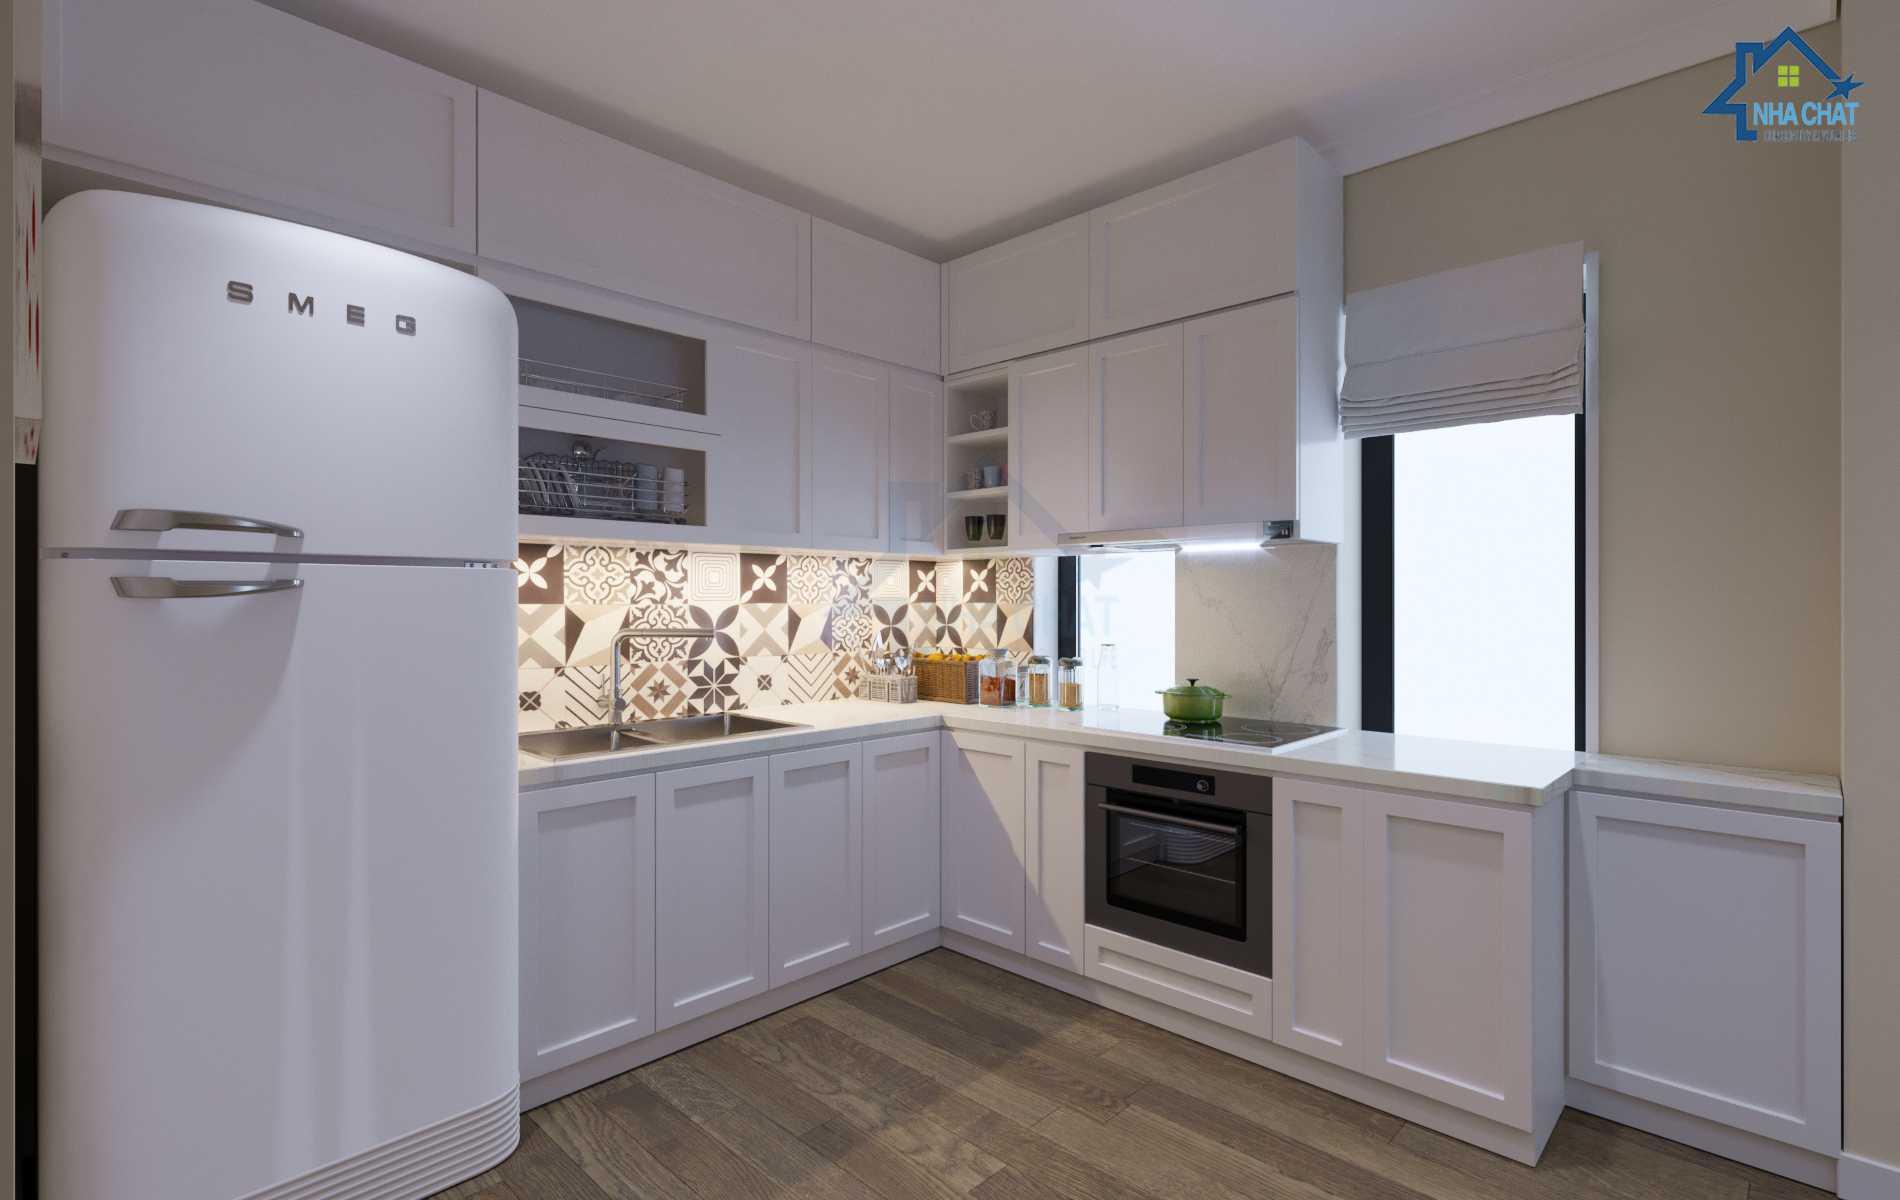 Thiết kế nội thất nhà lô phố Khương Thượng – Cô Mai